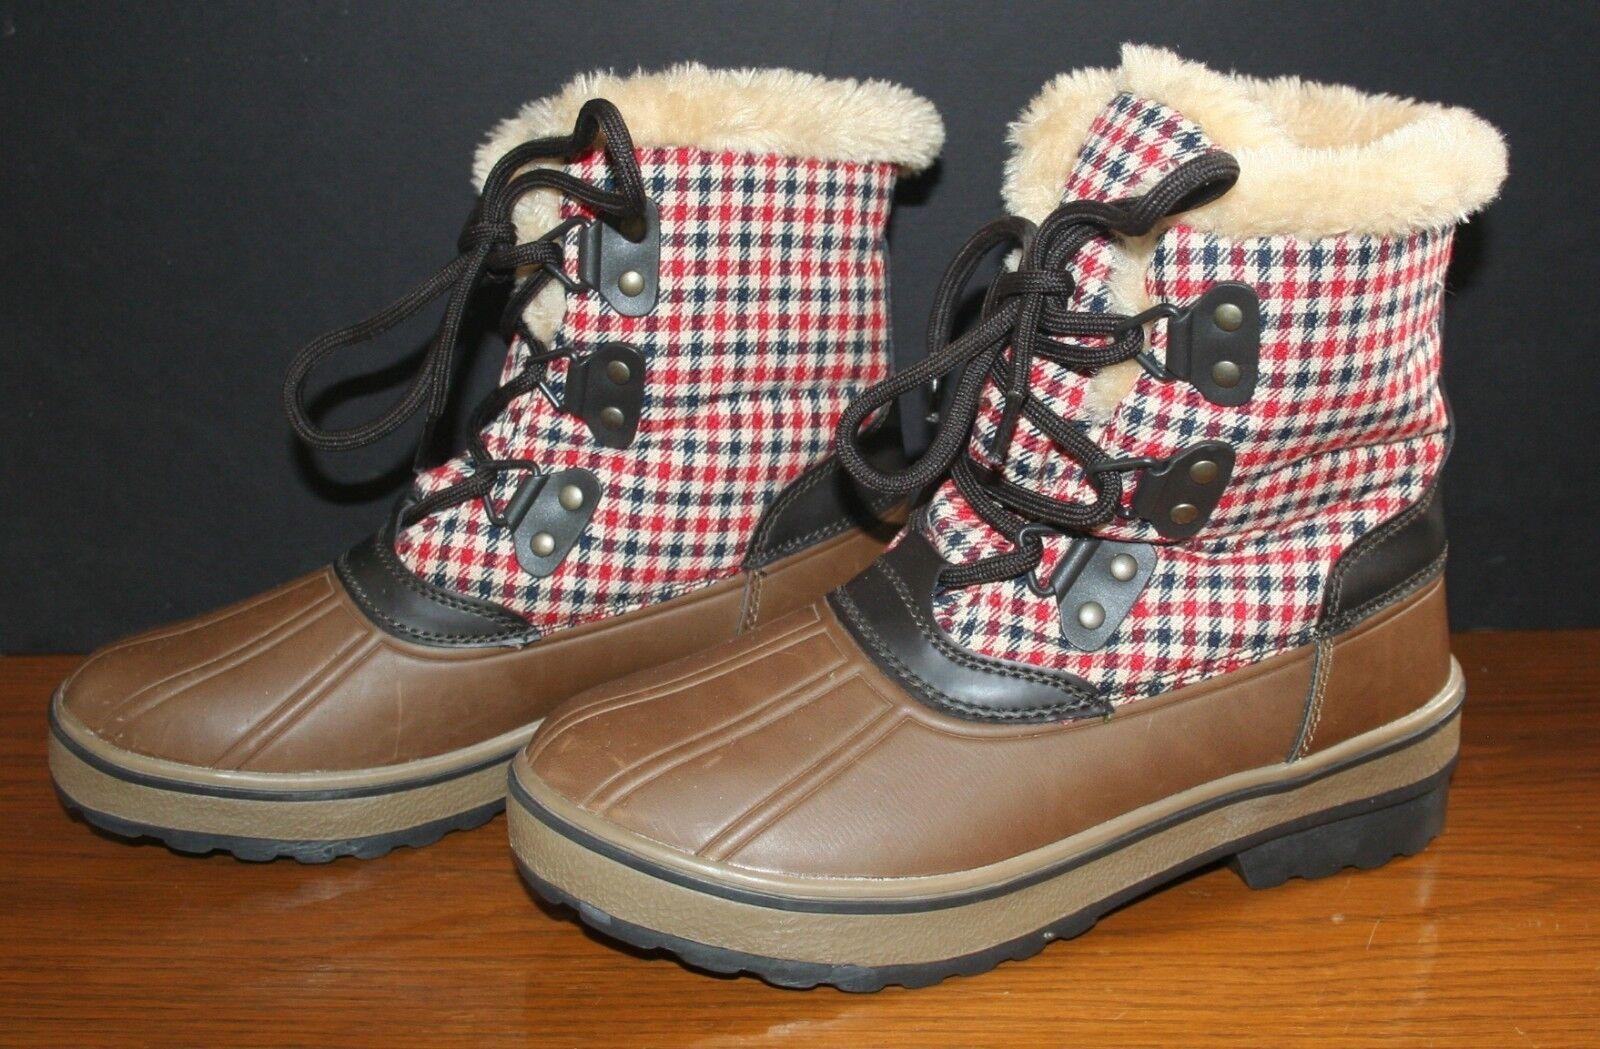 Para mujer botas botas botas de Pato de bajos 7M Sundown aislado a Cuadros Mint  Invierno botas De Nieve  autorización oficial